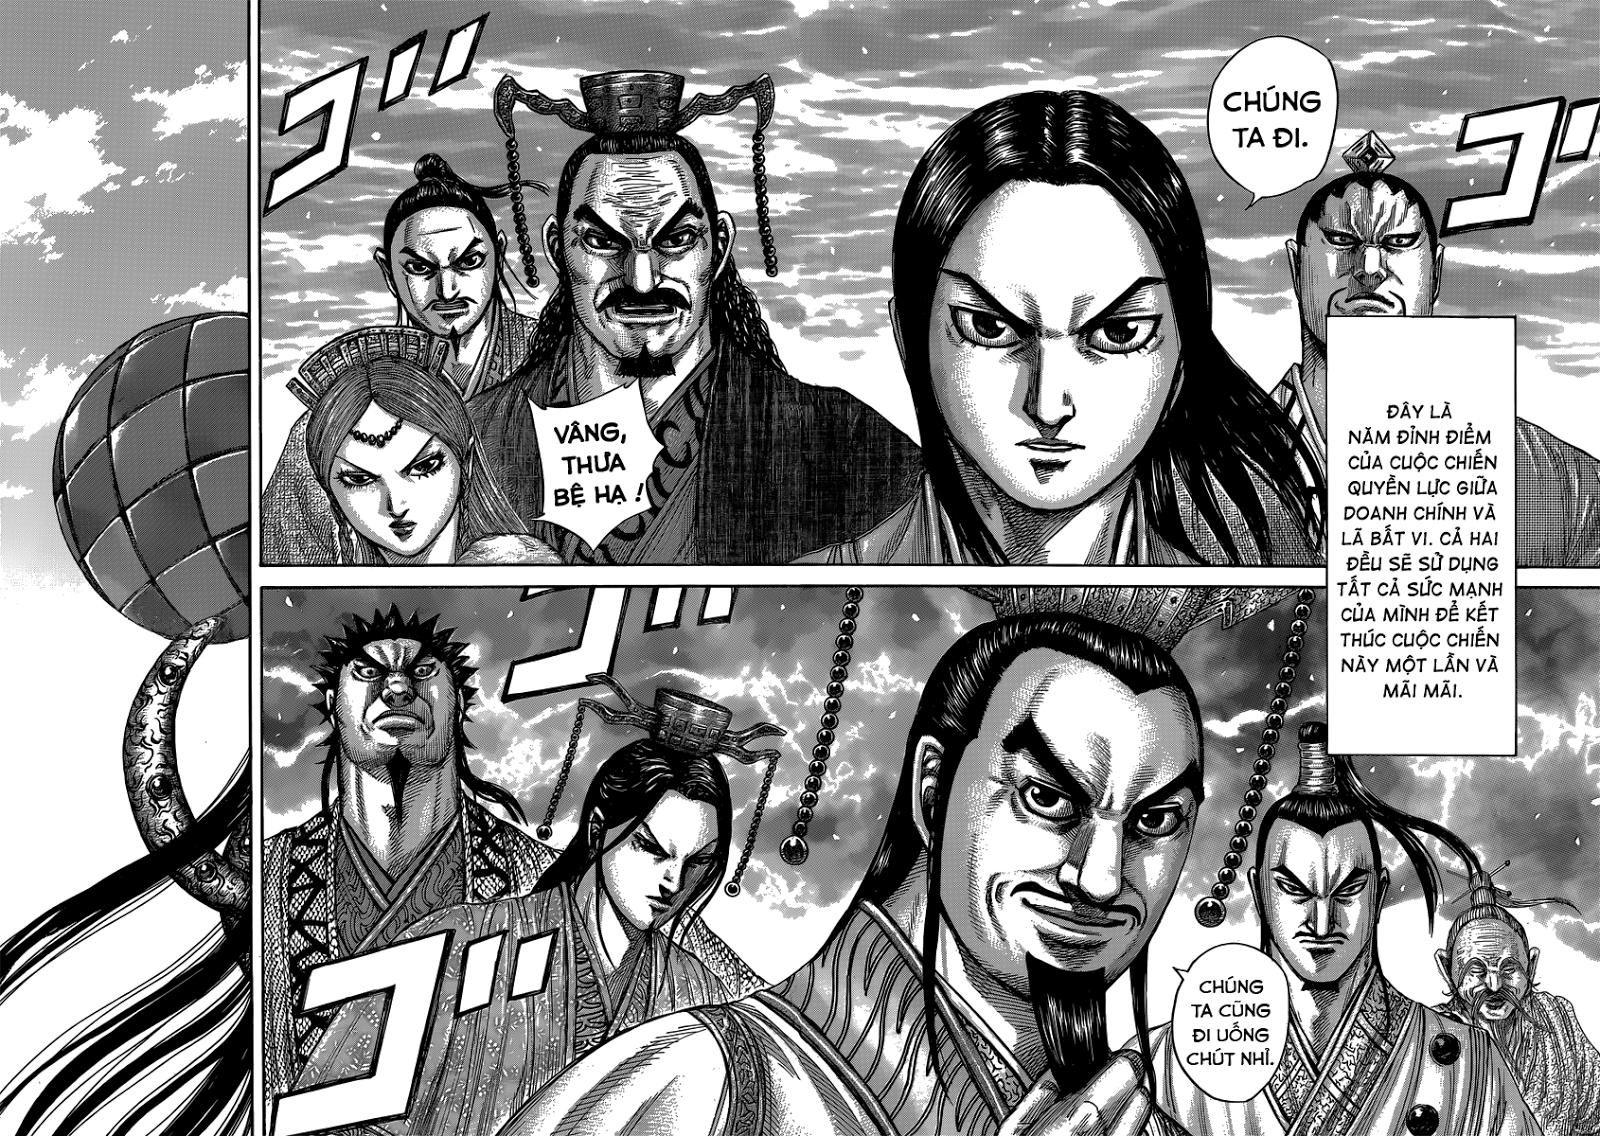 Kingdom – Vương Giả Thiên Hạ (Tổng Hợp) chap 408 page 4 - IZTruyenTranh.com